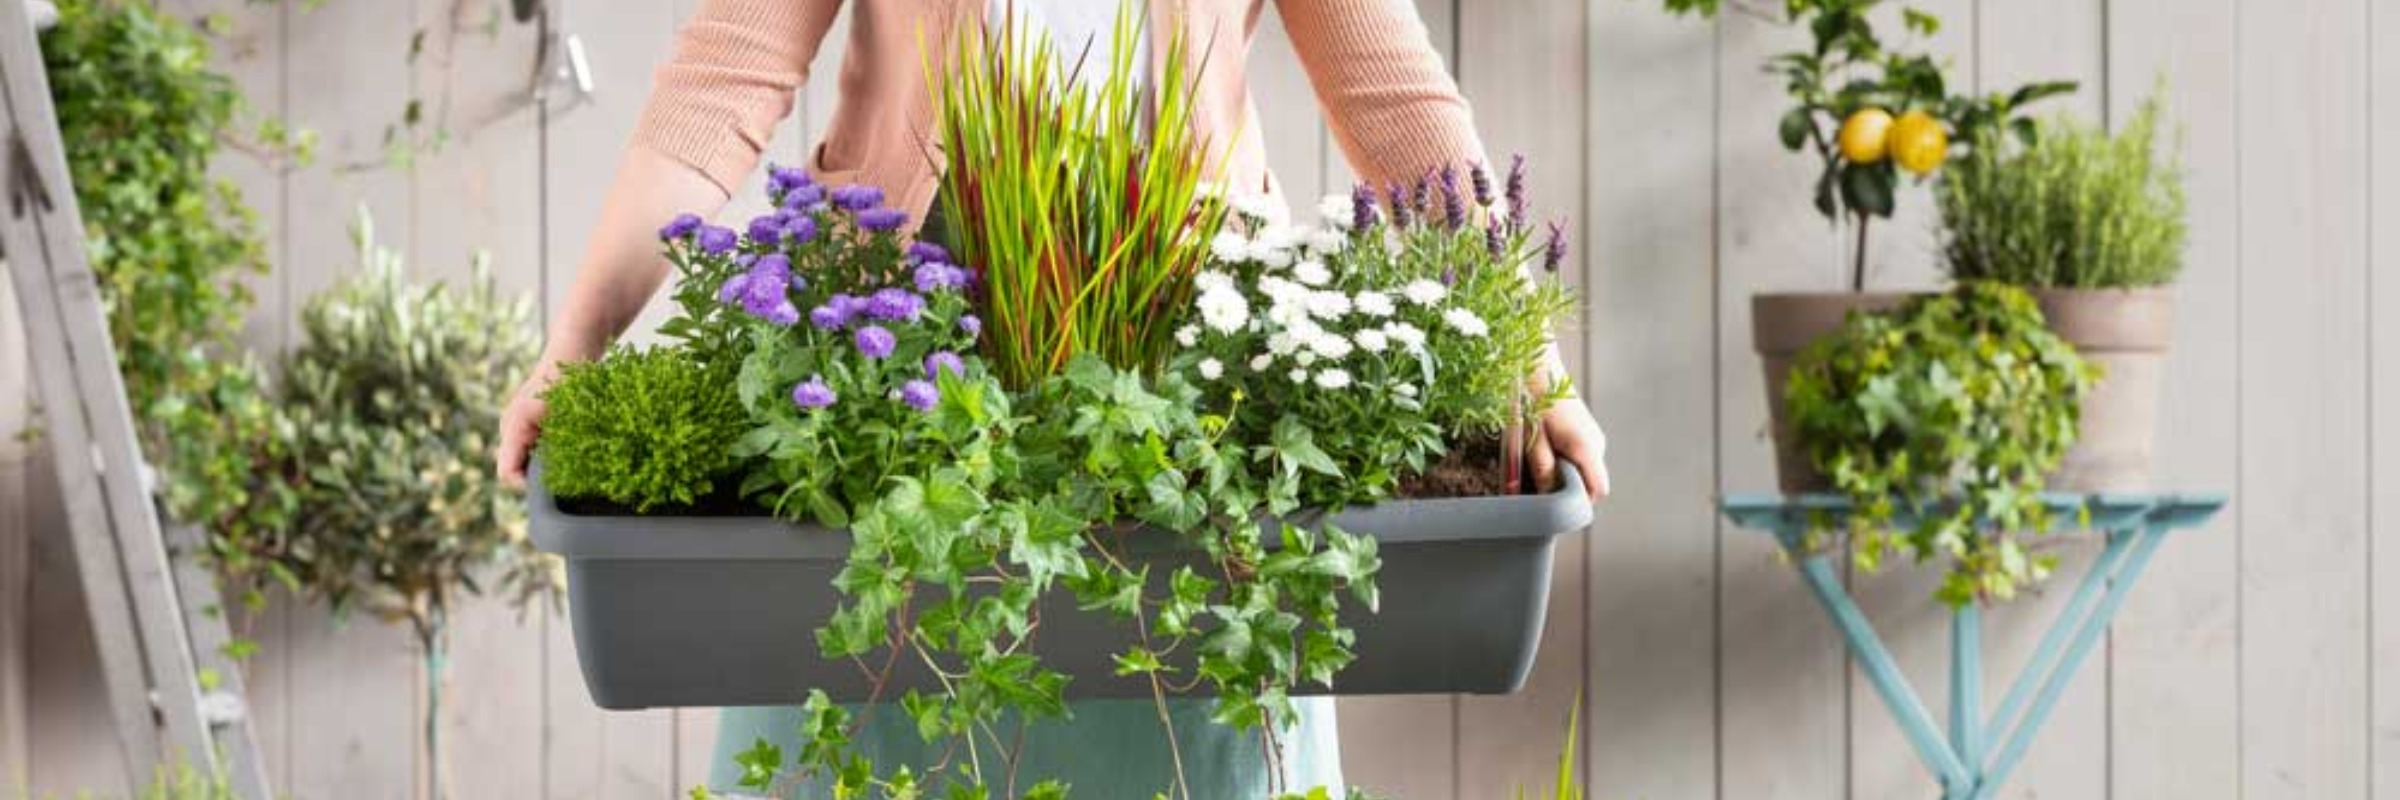 Für den balkon winterpflanzen Winterpflanzen für